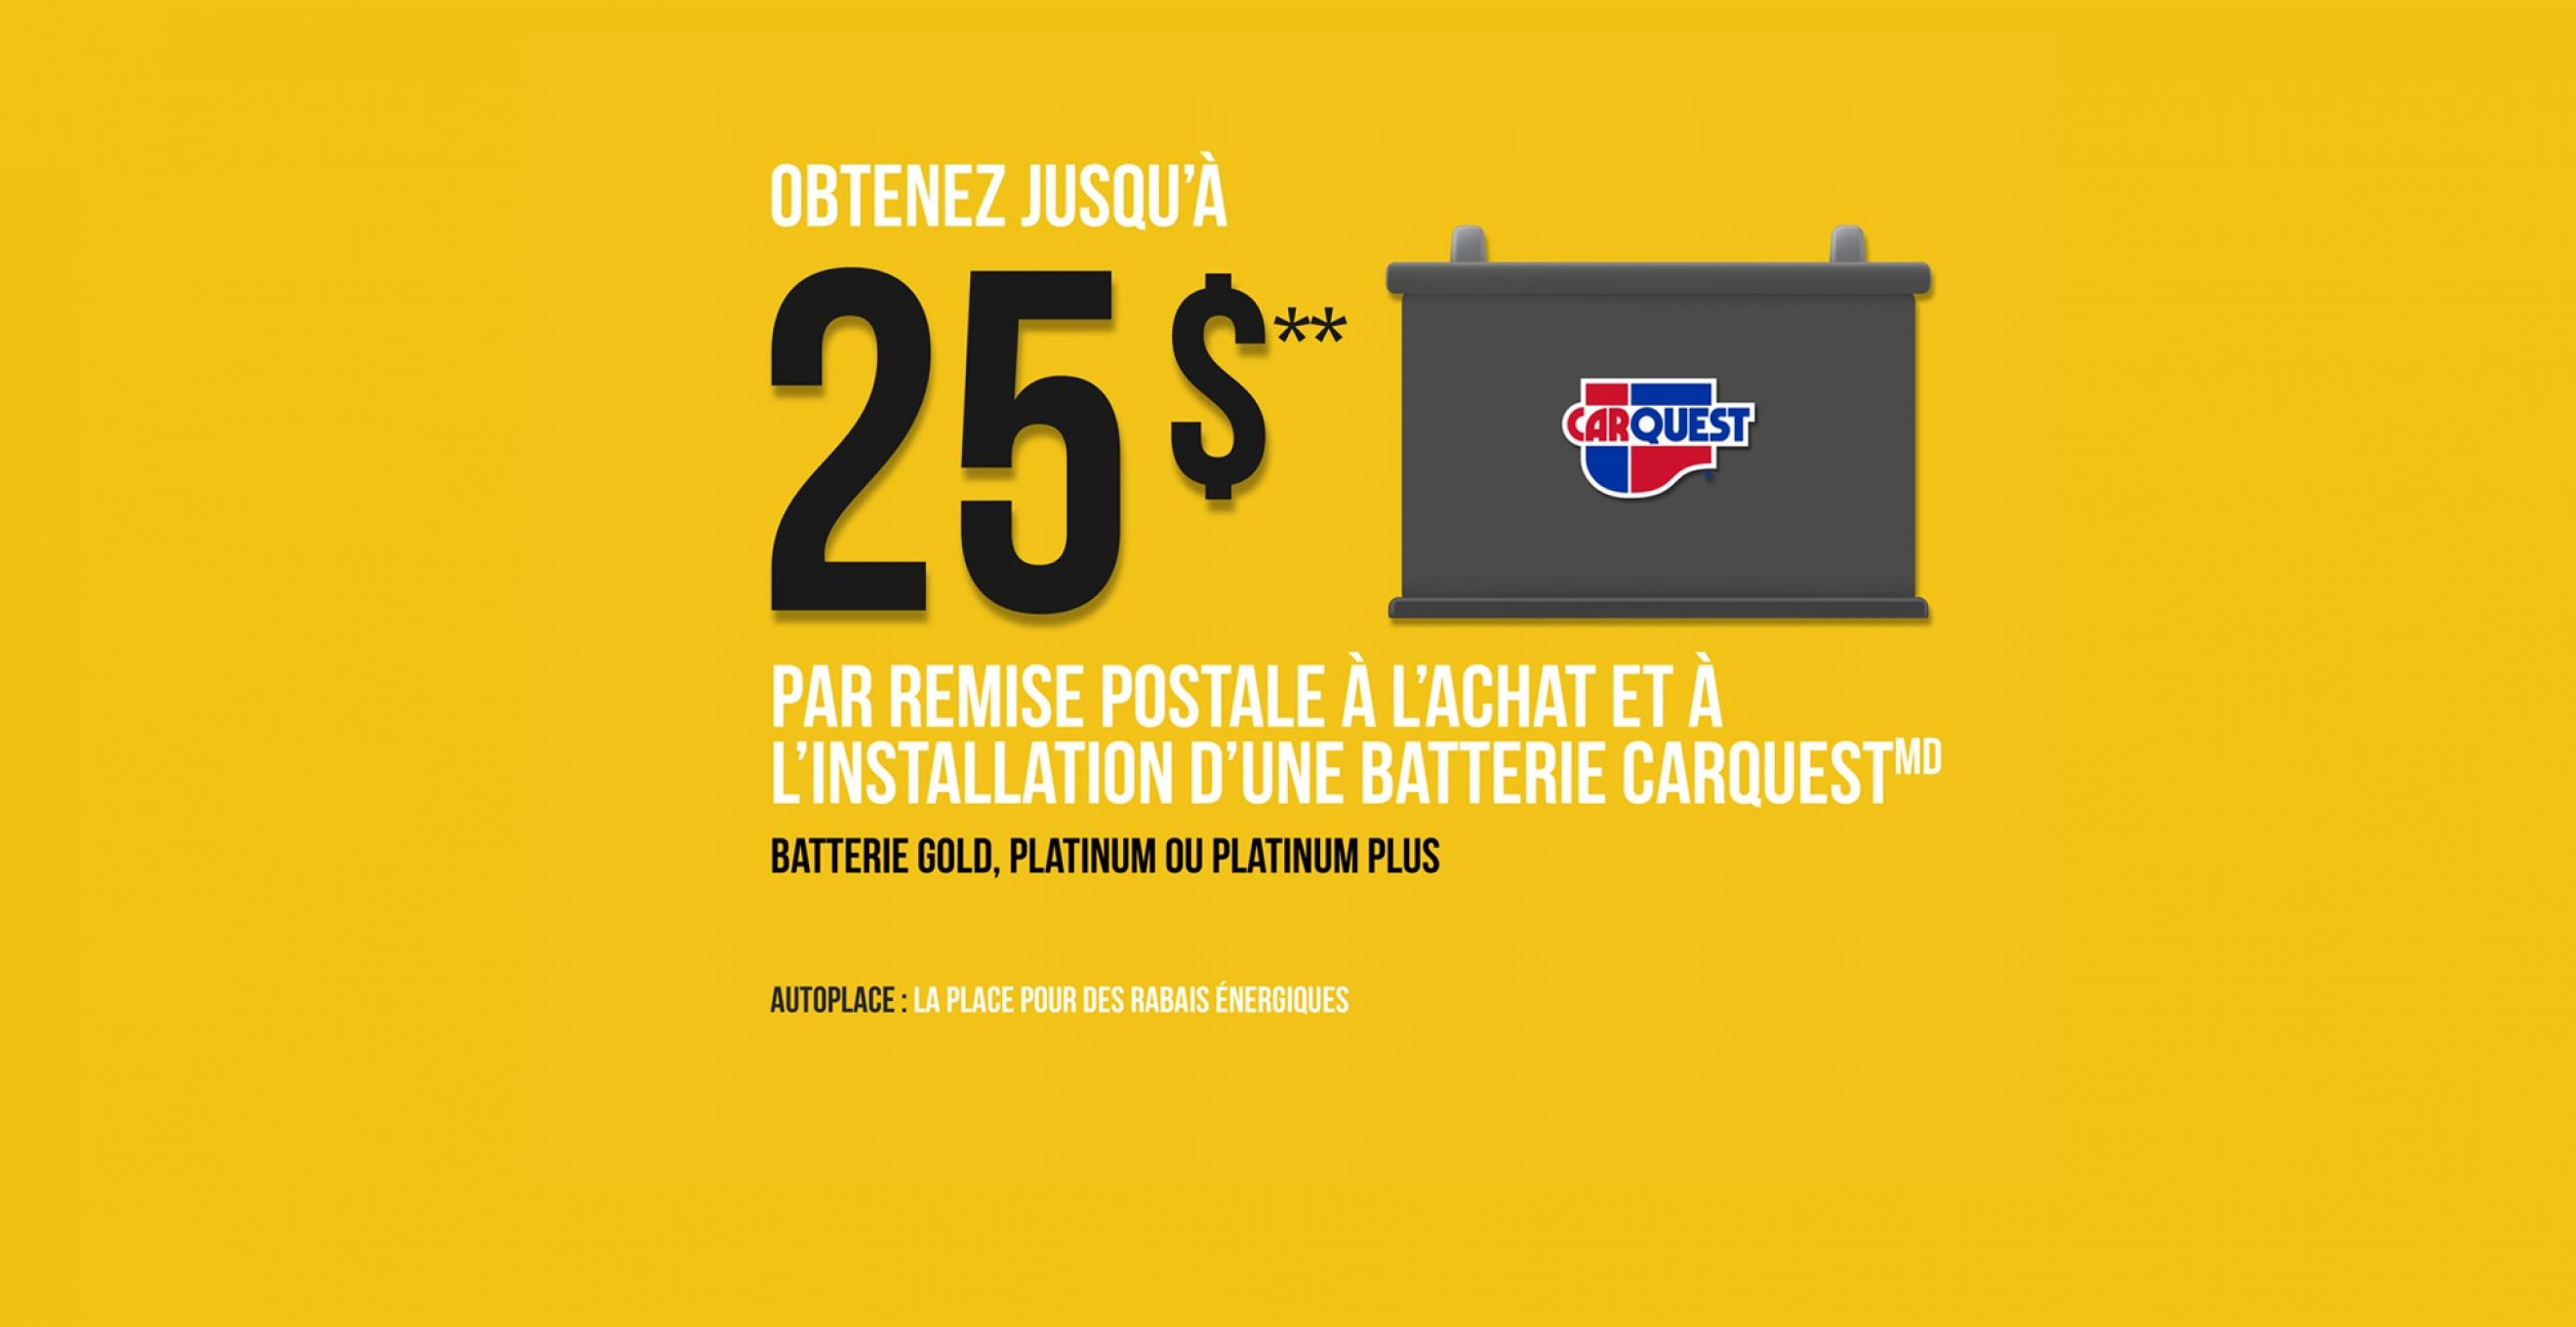 promo-batterie-caroussel